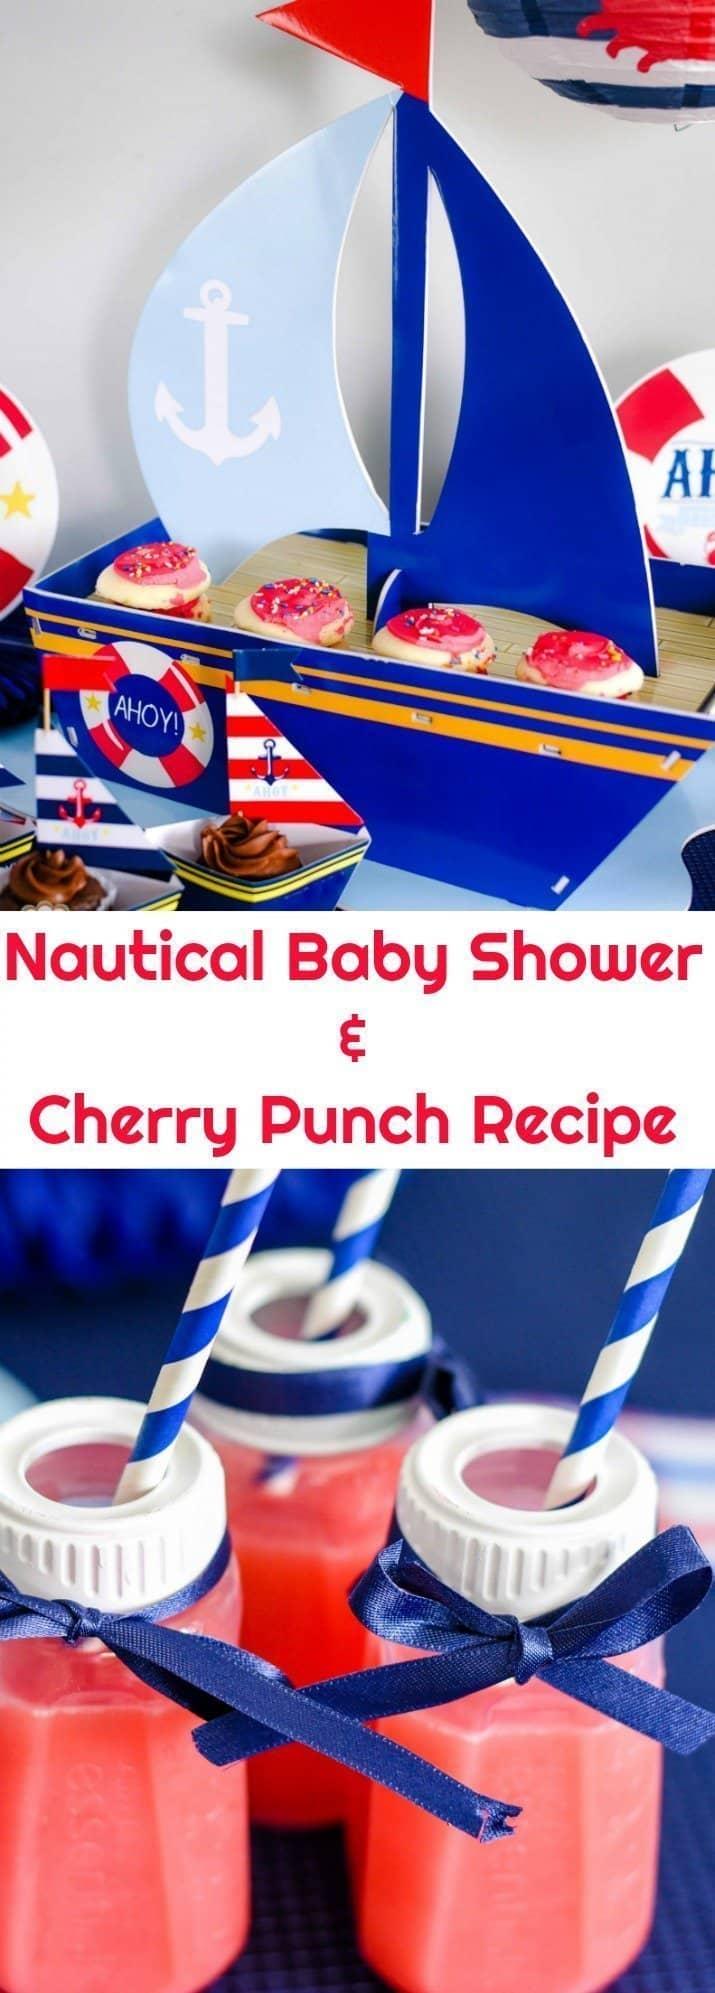 Easy Bridal Shower Ideas